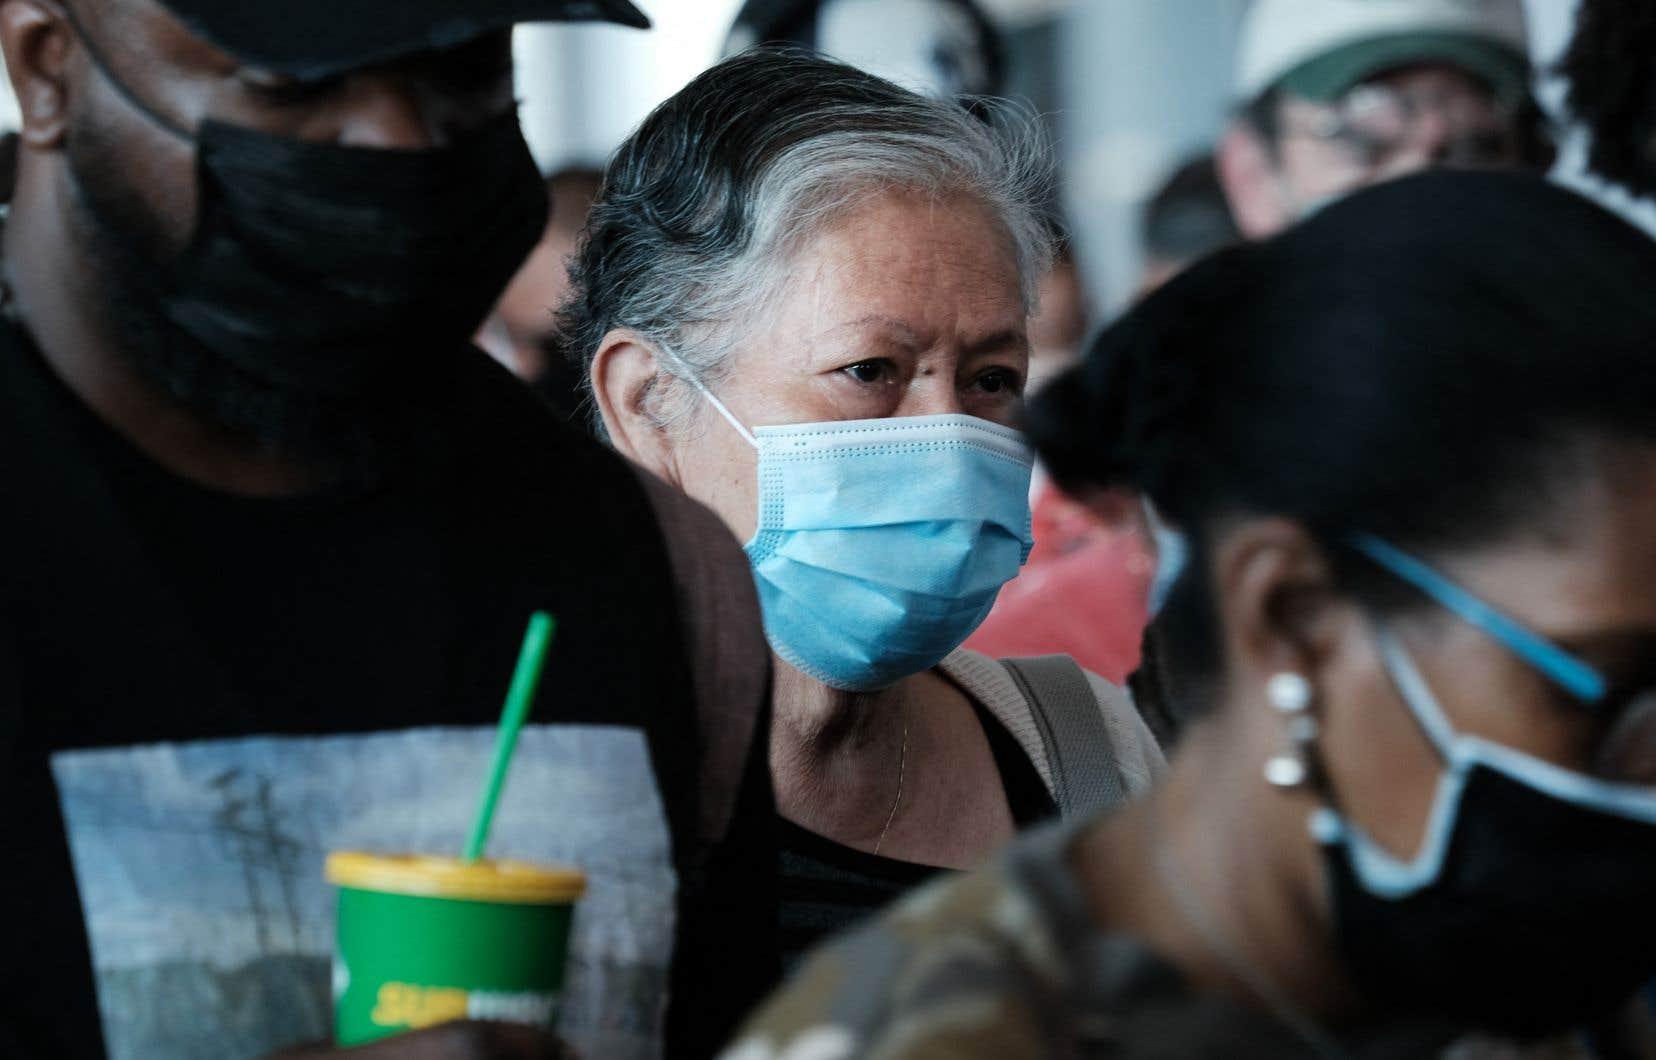 Des documents de la principale agence sanitaire des États-Unis montrent que les contaminations de personnes vaccinées ne sont pas aussi rares qu'on le pensait.